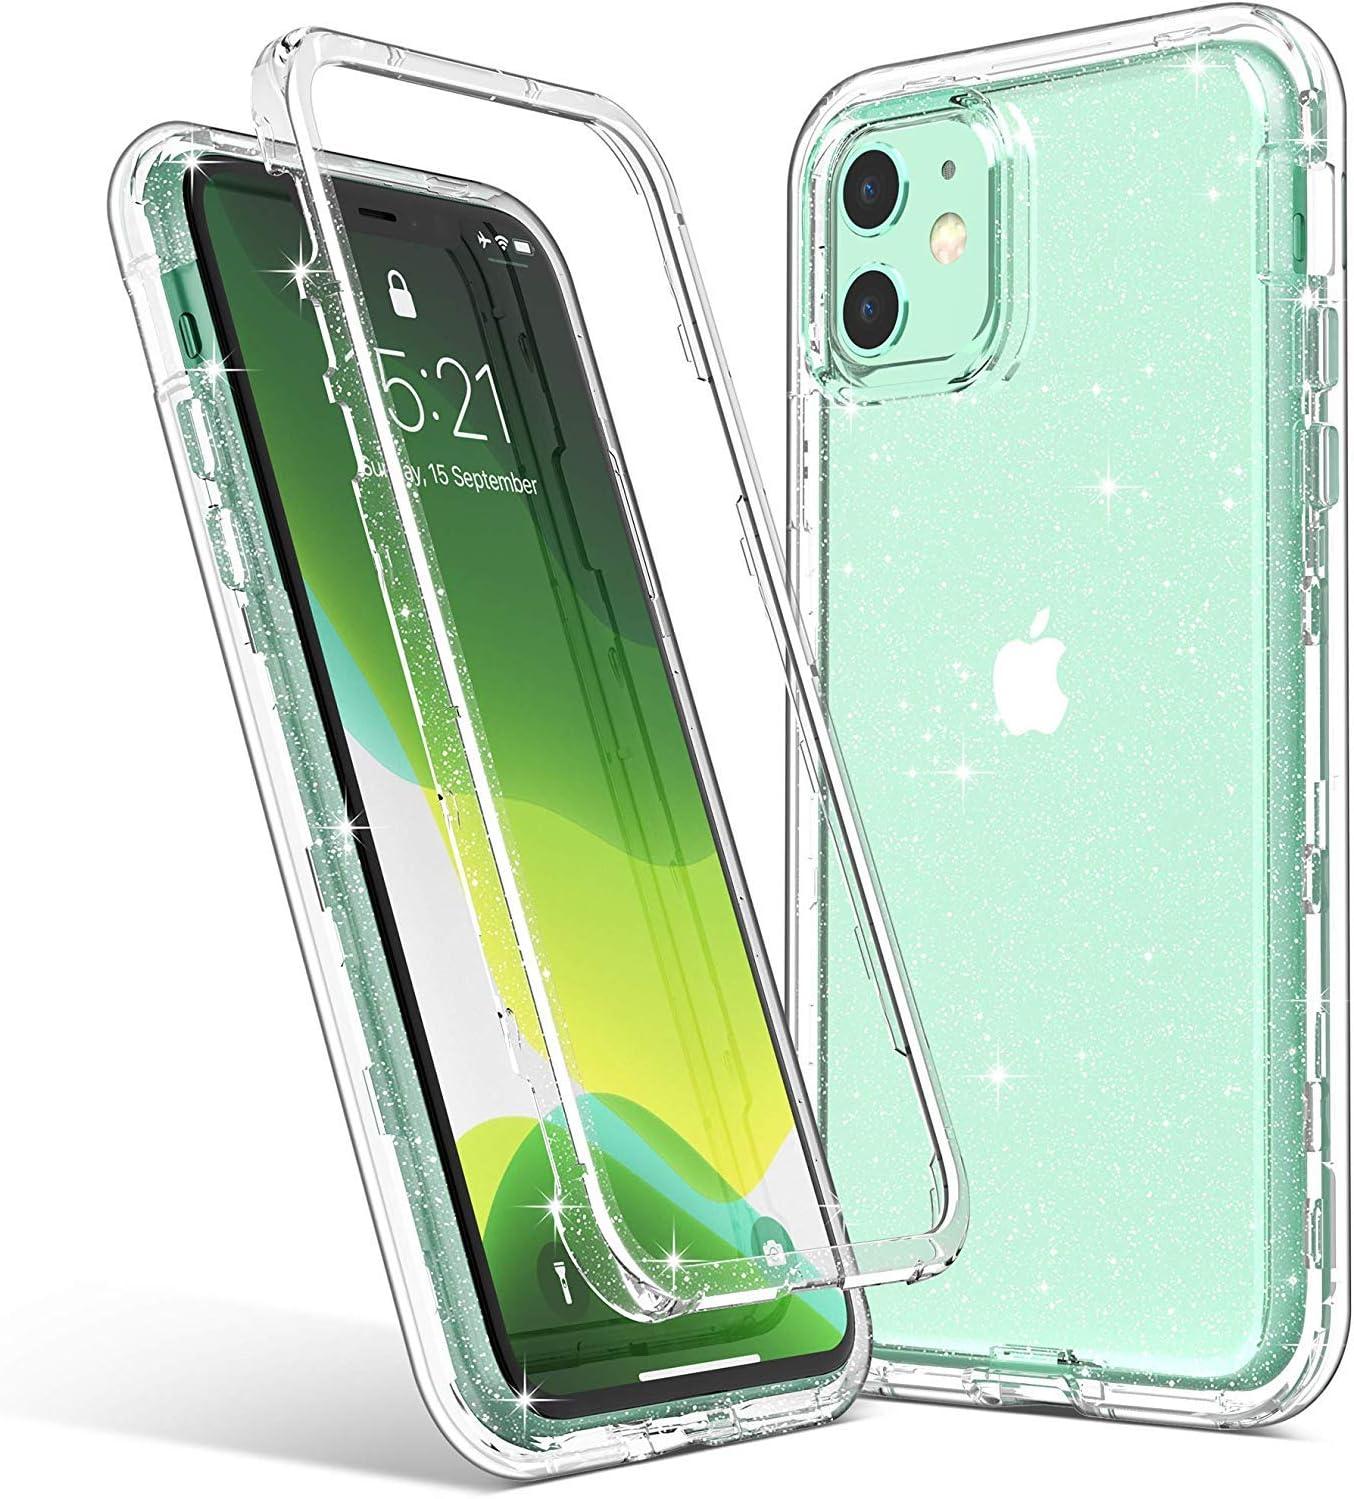 ULAK Coque iPhone 11 Paillettes, Transparente Étui Housse 3 en 1 Souple Bumper TPU et PC Protection Antichoc Anti-Rayures Coque pour Apple iPhone 11 ...